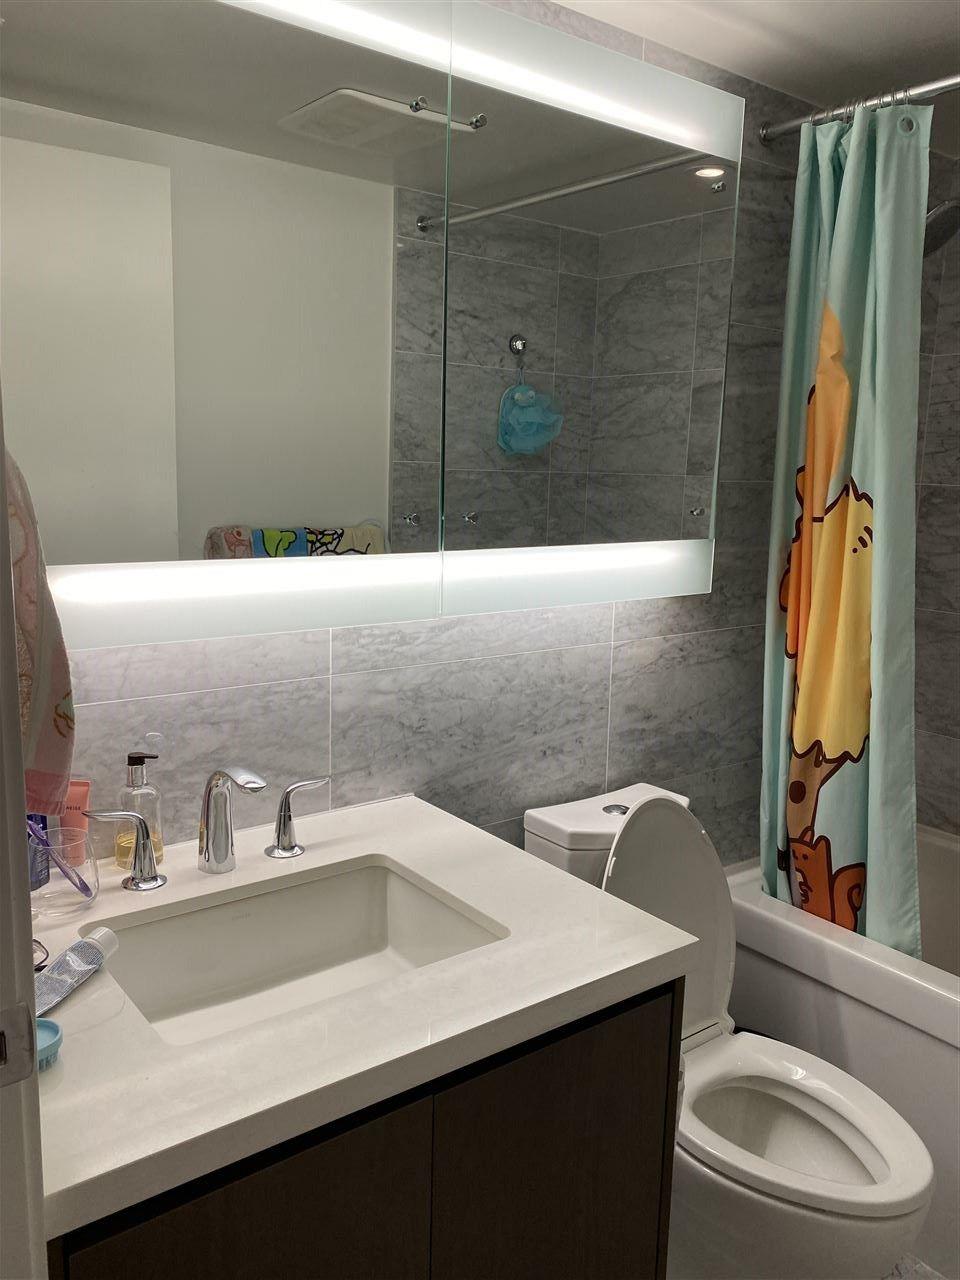 """Photo 10: Photos: 2211 13696 100 Avenue in Surrey: Whalley Condo for sale in """"PARK AVENUE WEST"""" (North Surrey)  : MLS®# R2536114"""